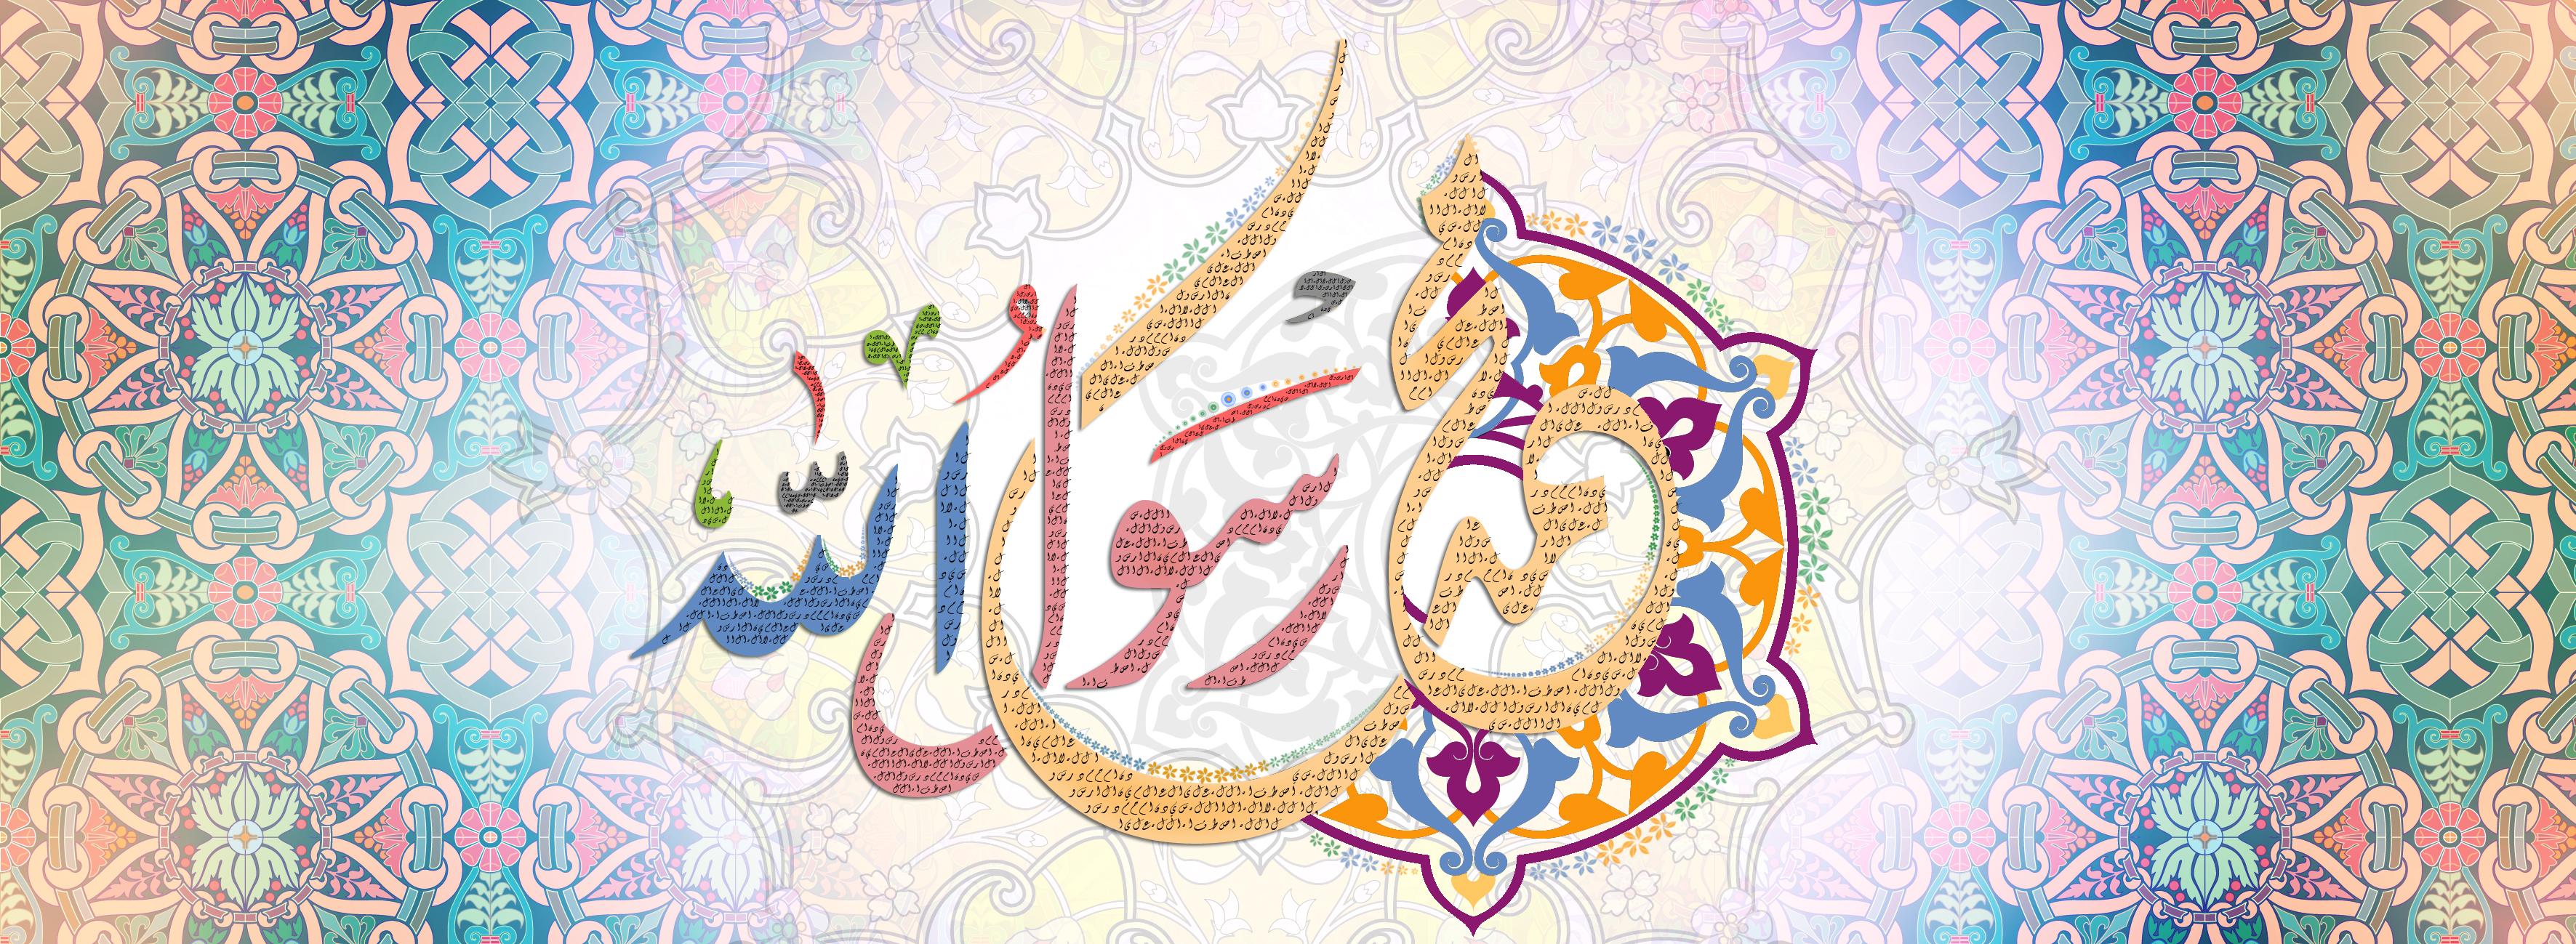 Mohmed Rsol Alah by hussien007